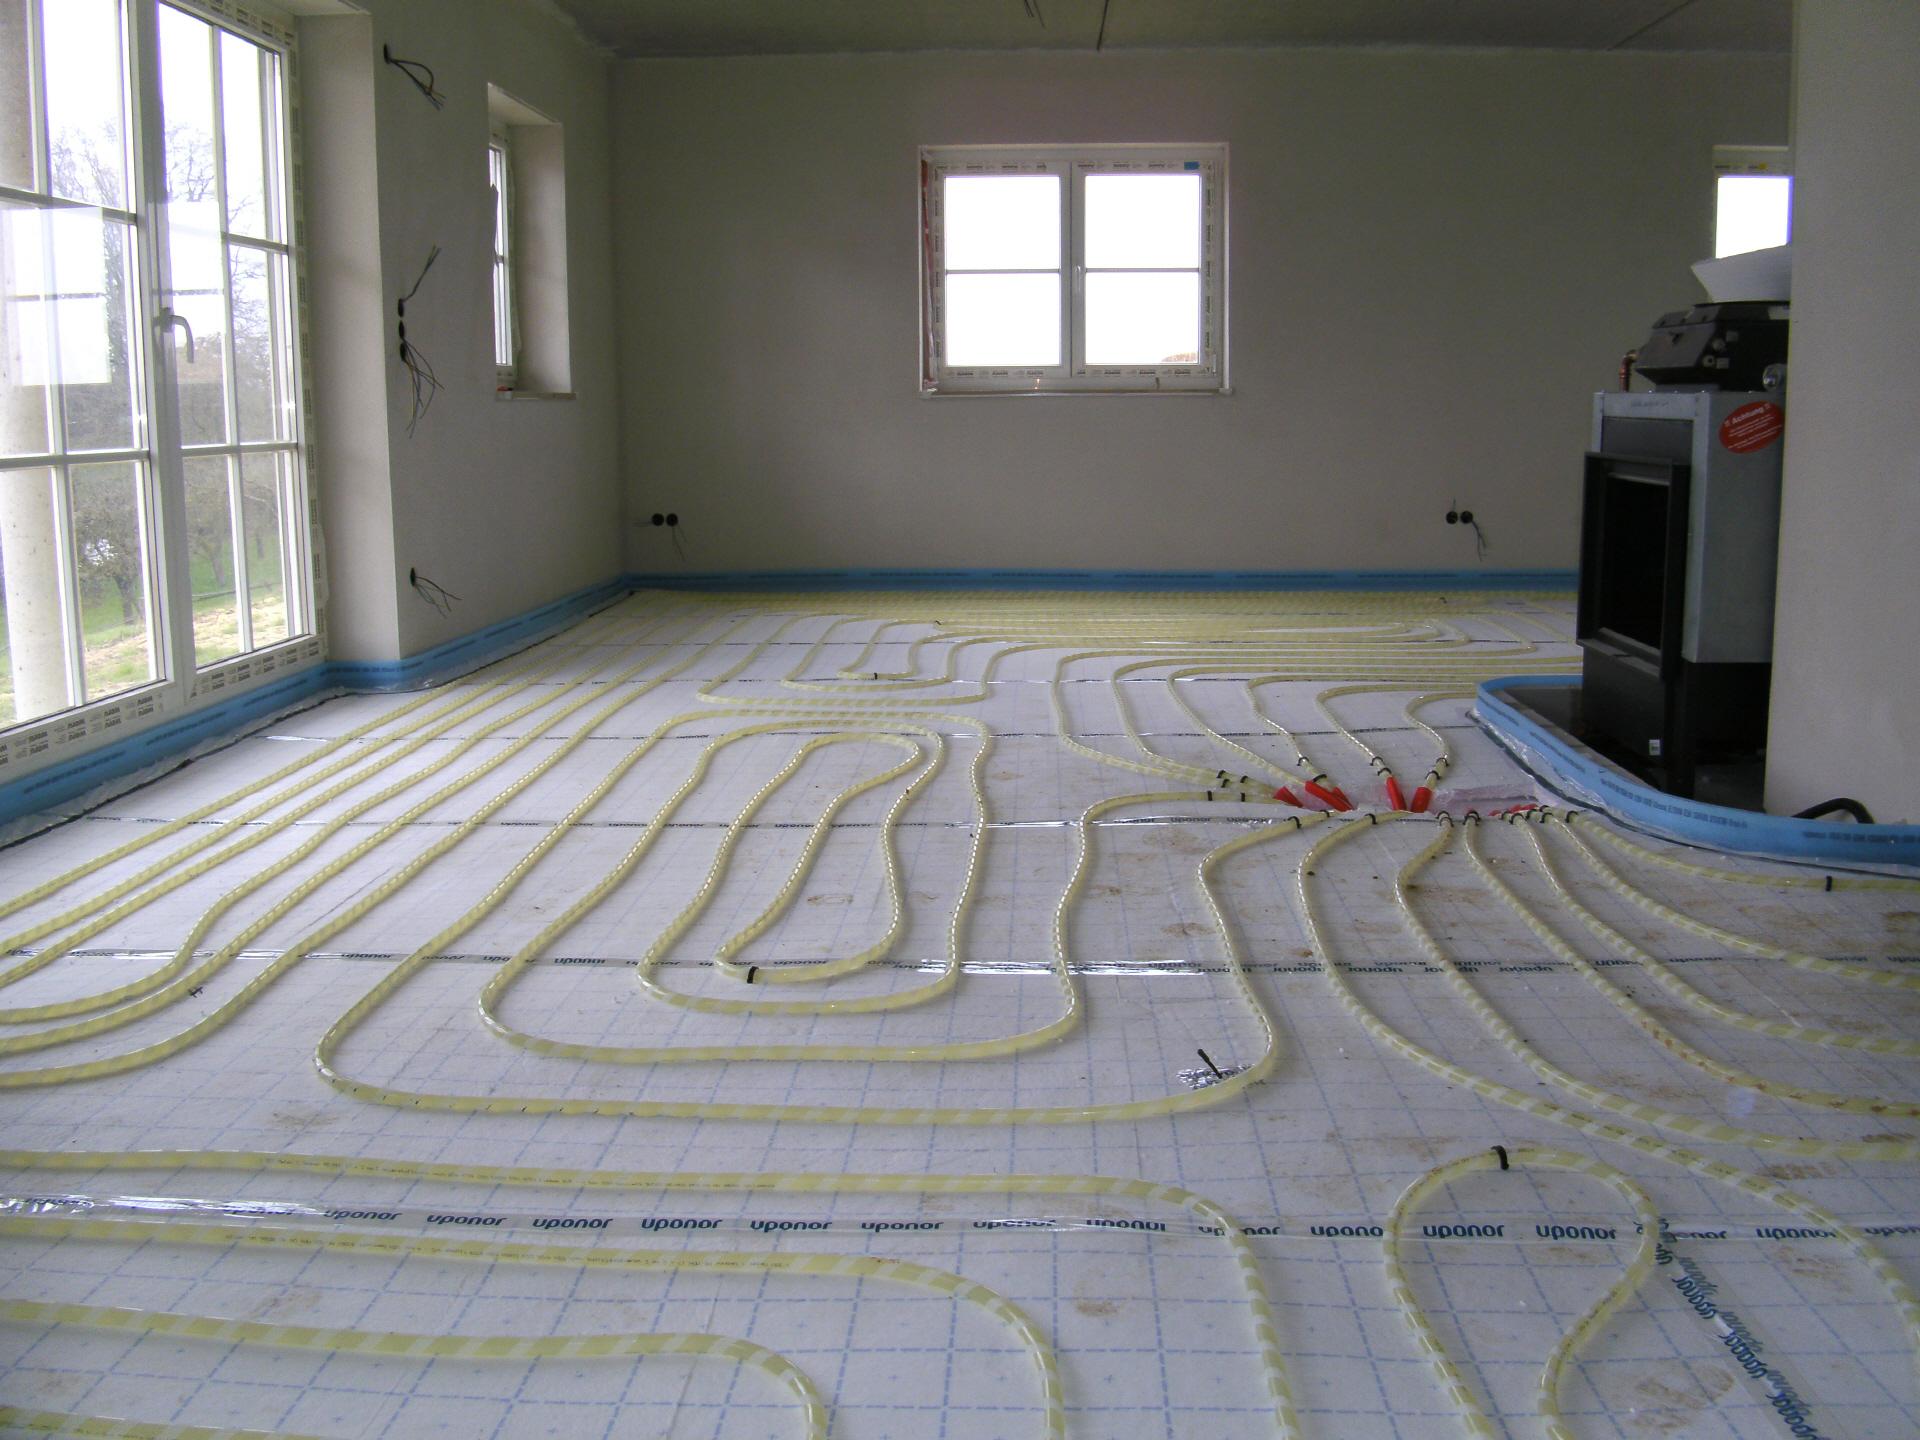 kachelofen fu bodenheizung sammlung von. Black Bedroom Furniture Sets. Home Design Ideas